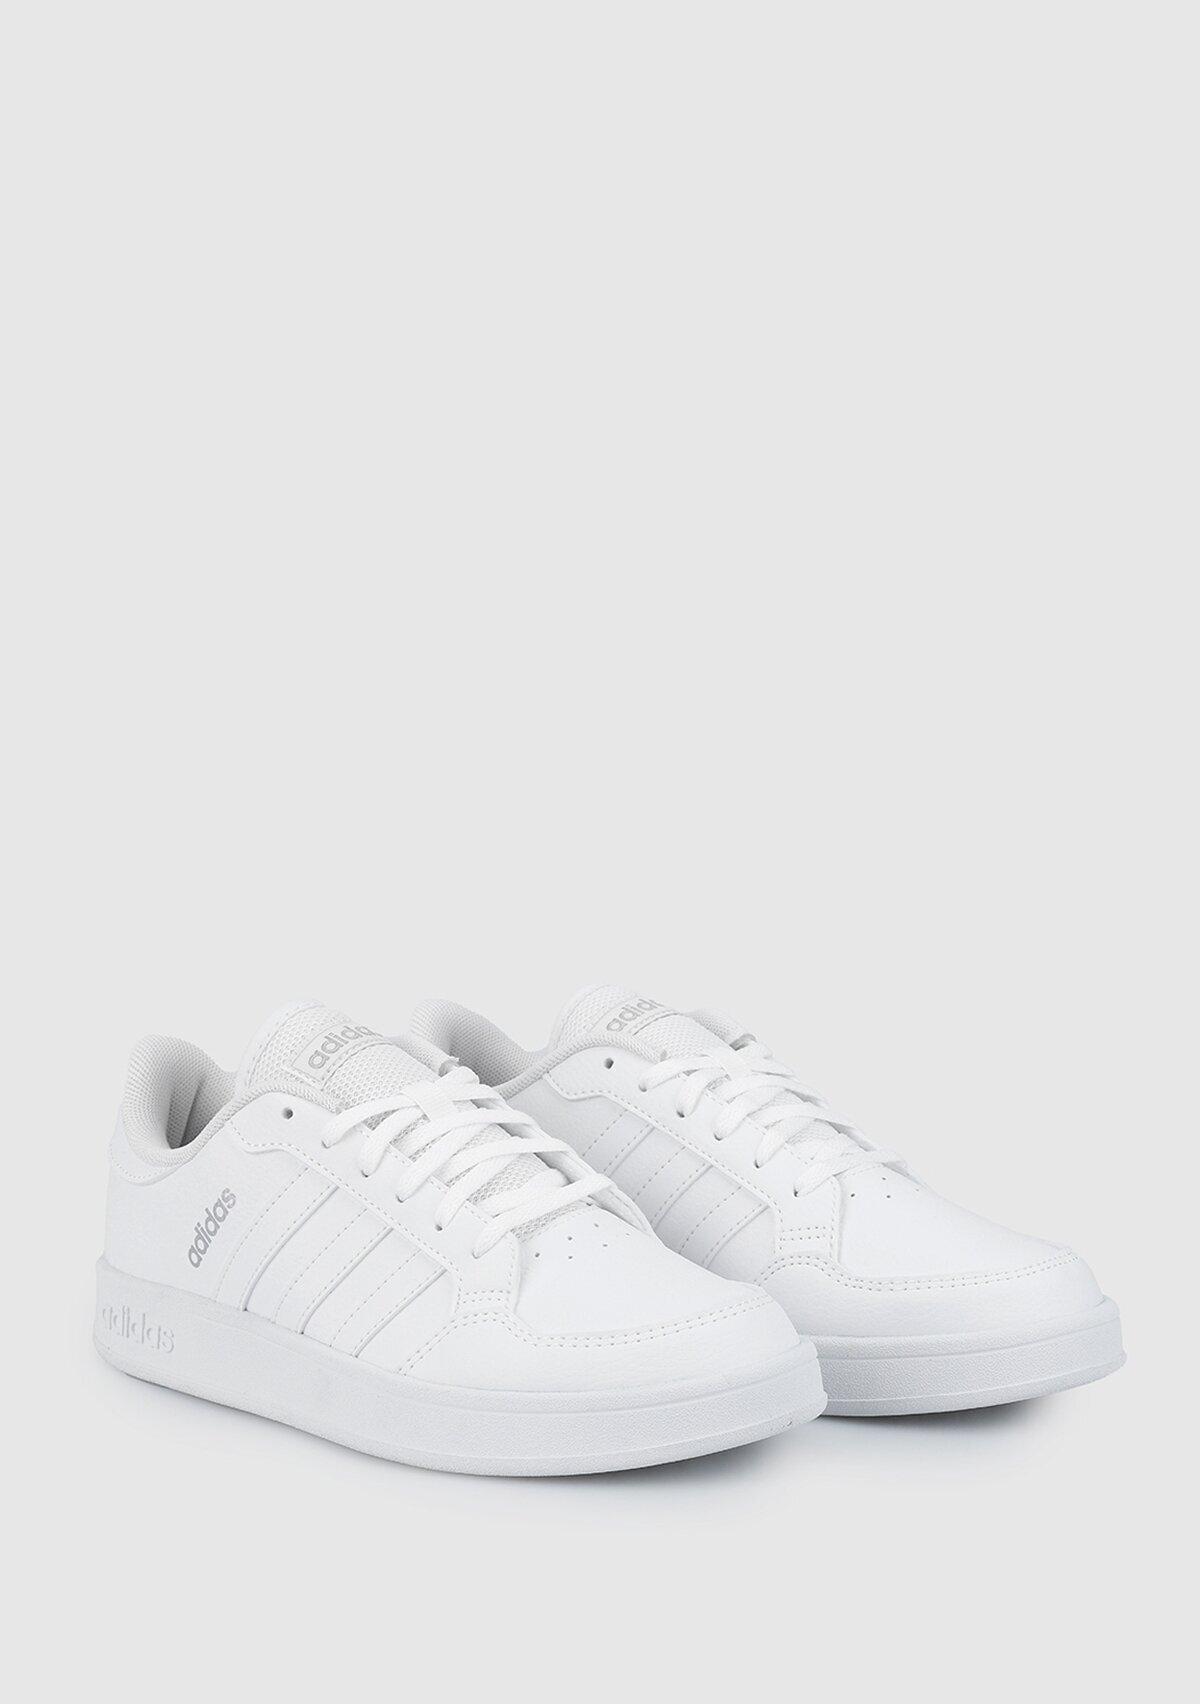 resm Breaknet Beyaz Tenis Ayakkabısı FX8725